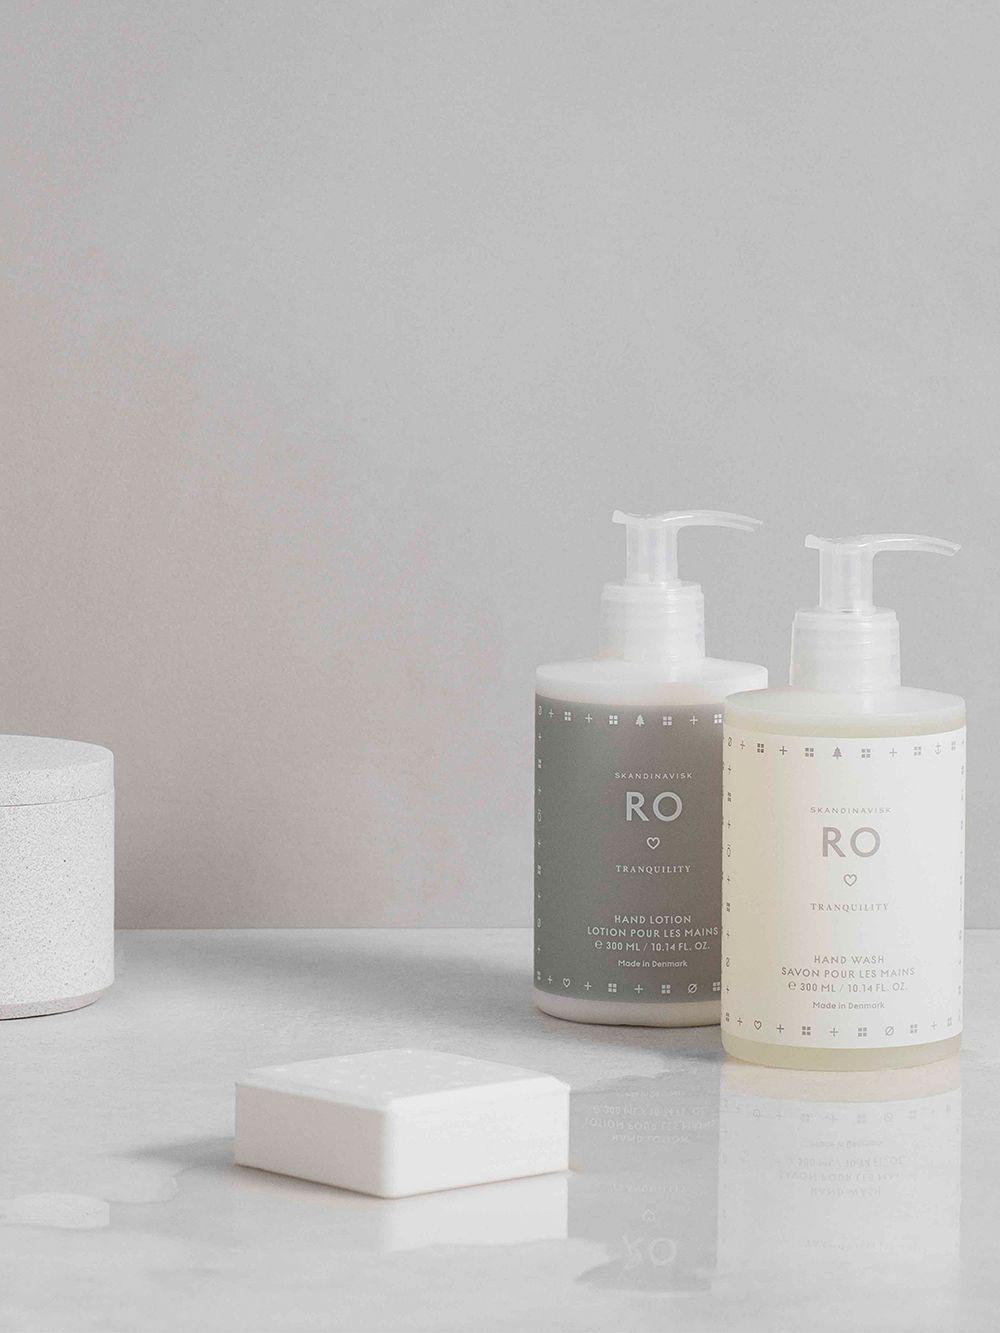 Skandinaviskin Ro-tuotesarjan saippuoita ja voiteita.